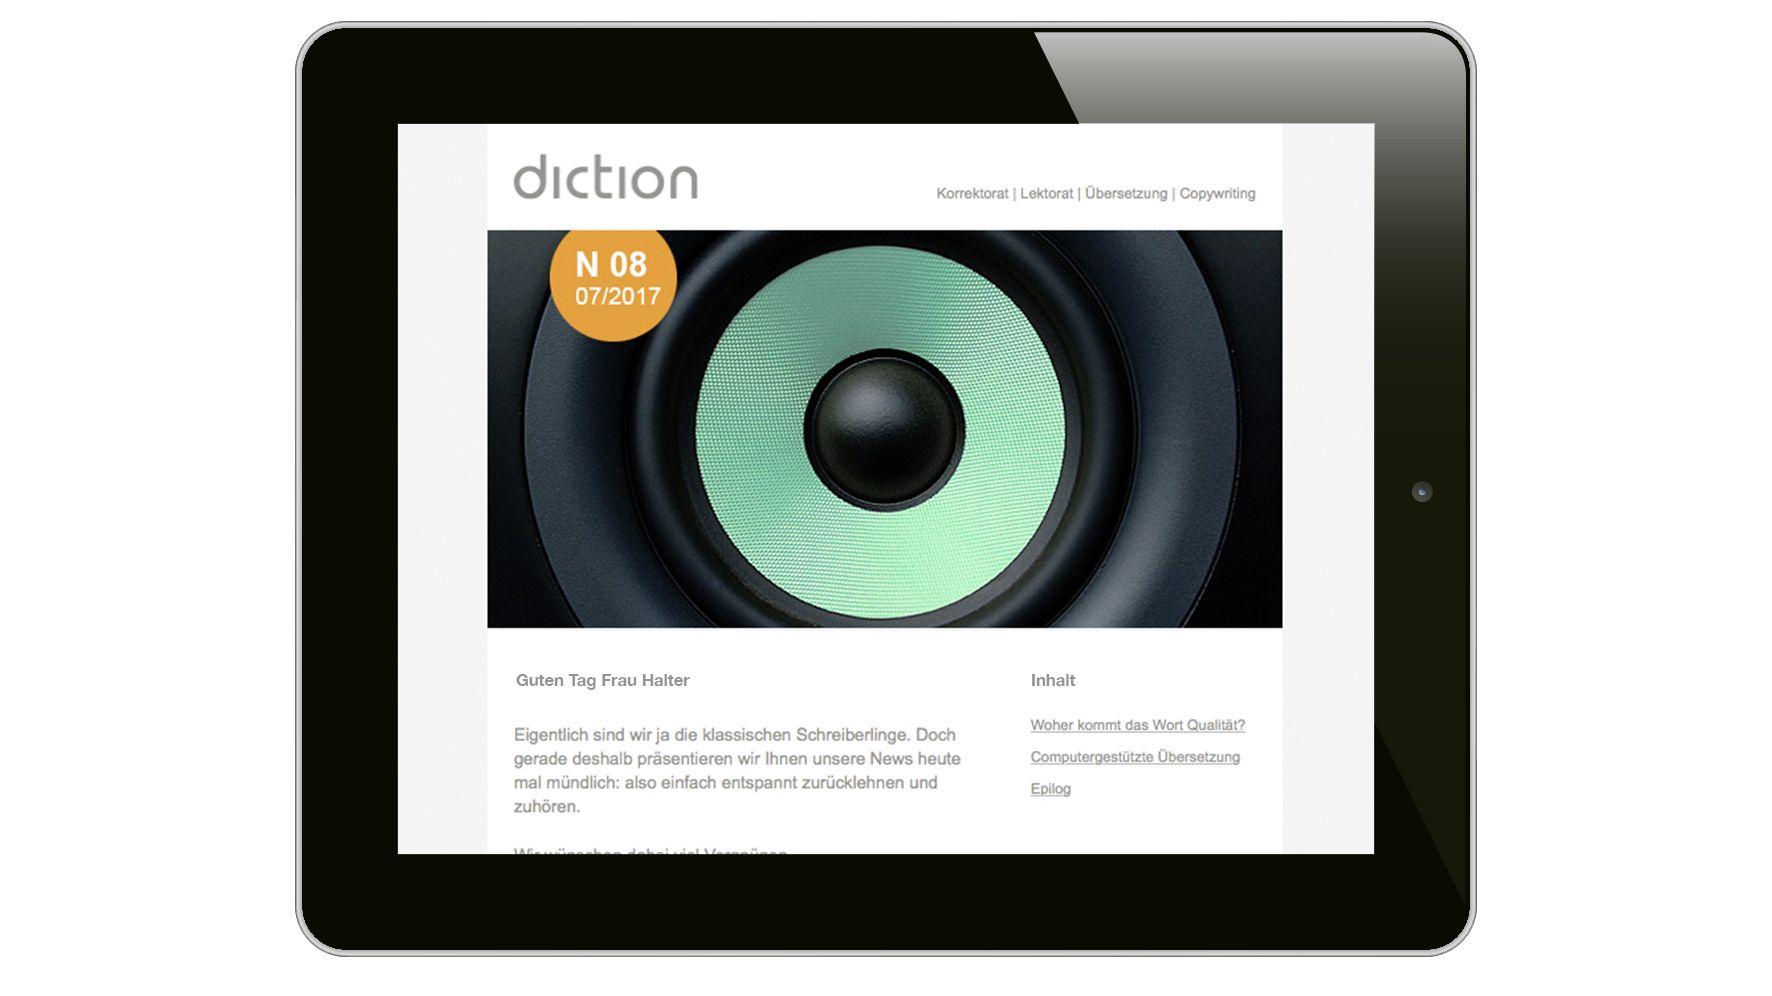 Agentur am Flughafen : Newsletter für Sprachdienstleister Diction AG entwickelt – zum Zuhören